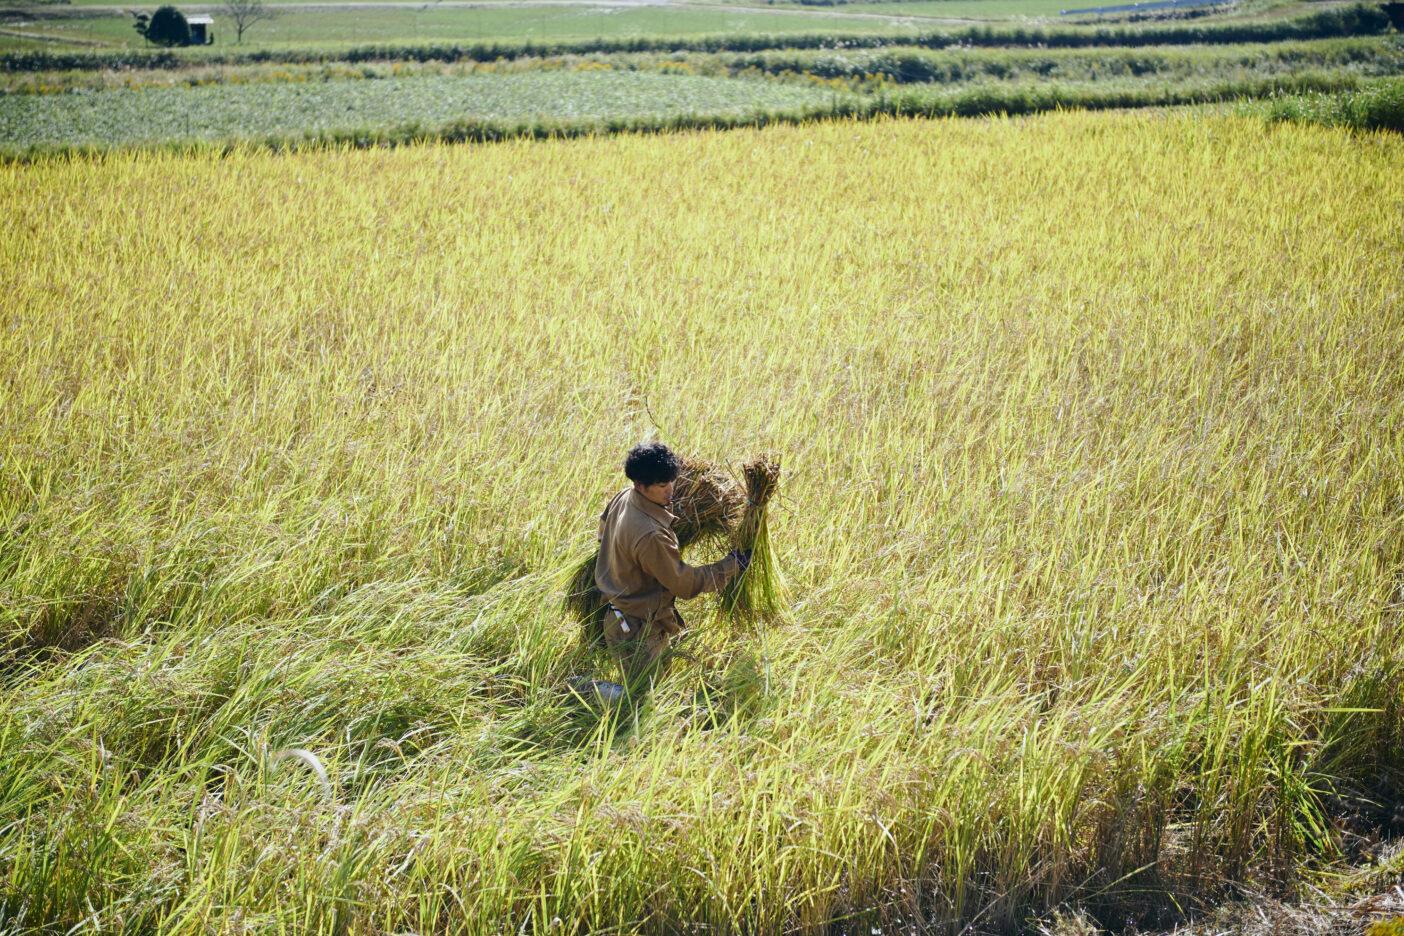 「コウノトリ育む農法」で米作りを行う「坪口農事未来研究所」。 写真:飯坂 大